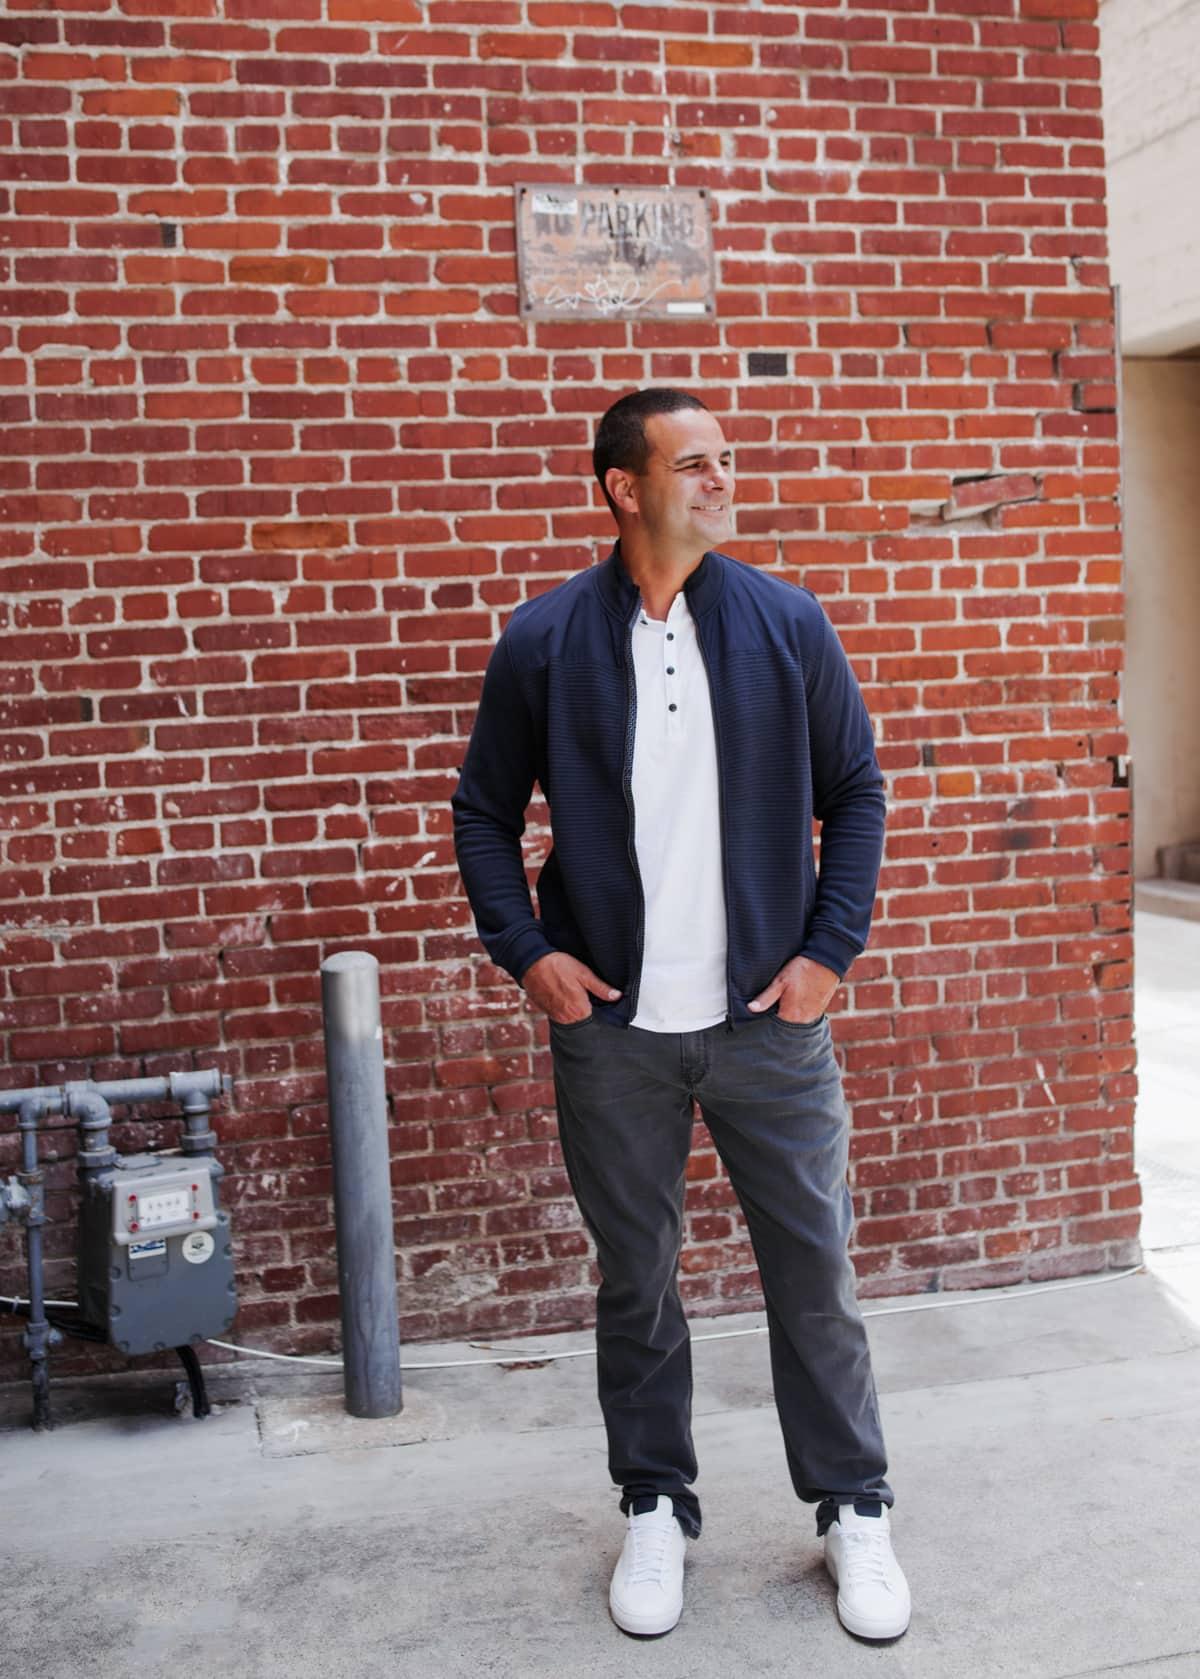 nordstrom anniversary sale's top men's items